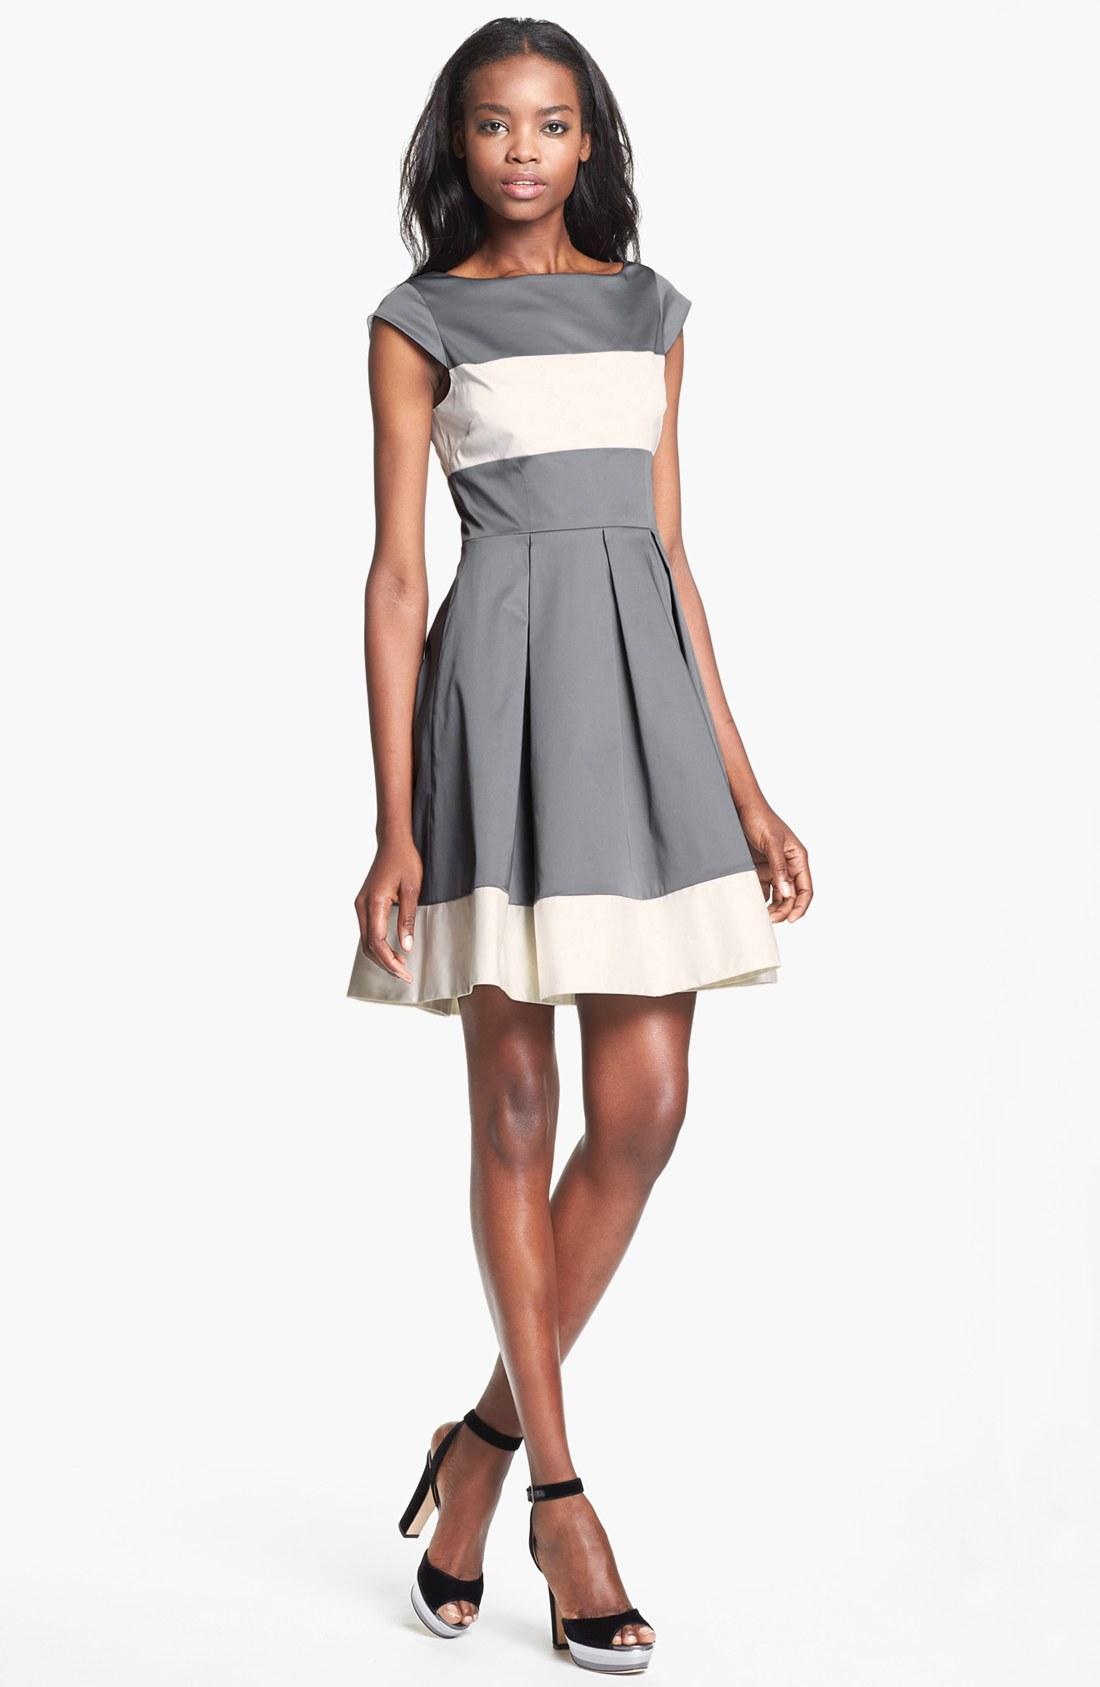 Kate Spade Adette Full Skirt Dress In Gray Dark Grey